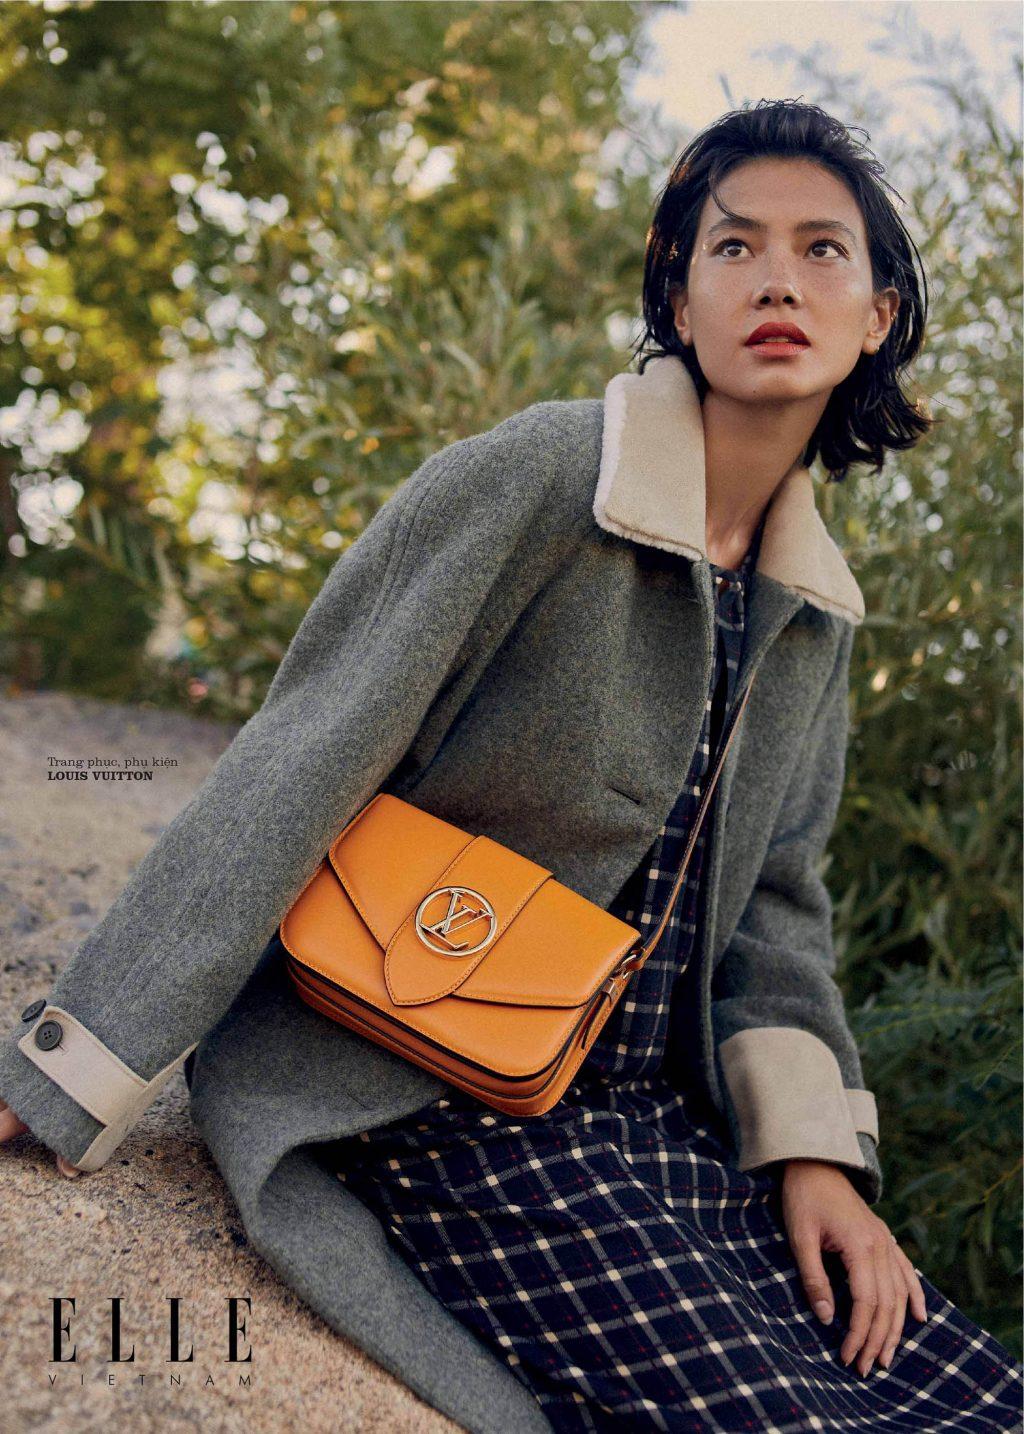 bộ ảnh thời trang Thu - Đông phụ kiện Louis Vuitton